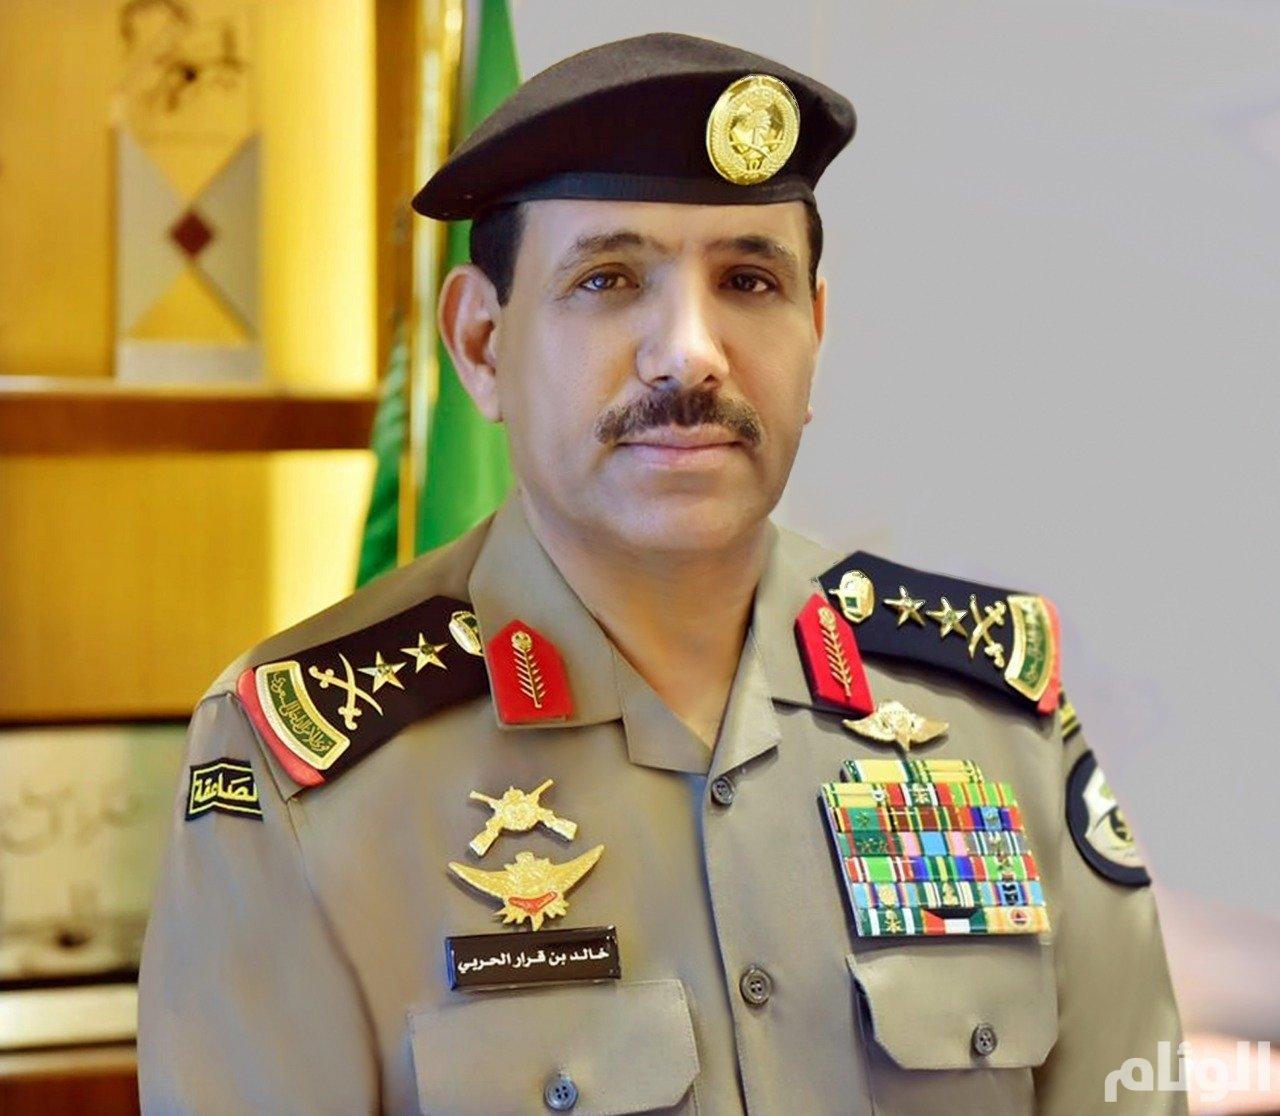 مدير الأمن العام يصدر قرارات بترقية ( ٣٧١٧ ) رجل أمن من كافة الرتب